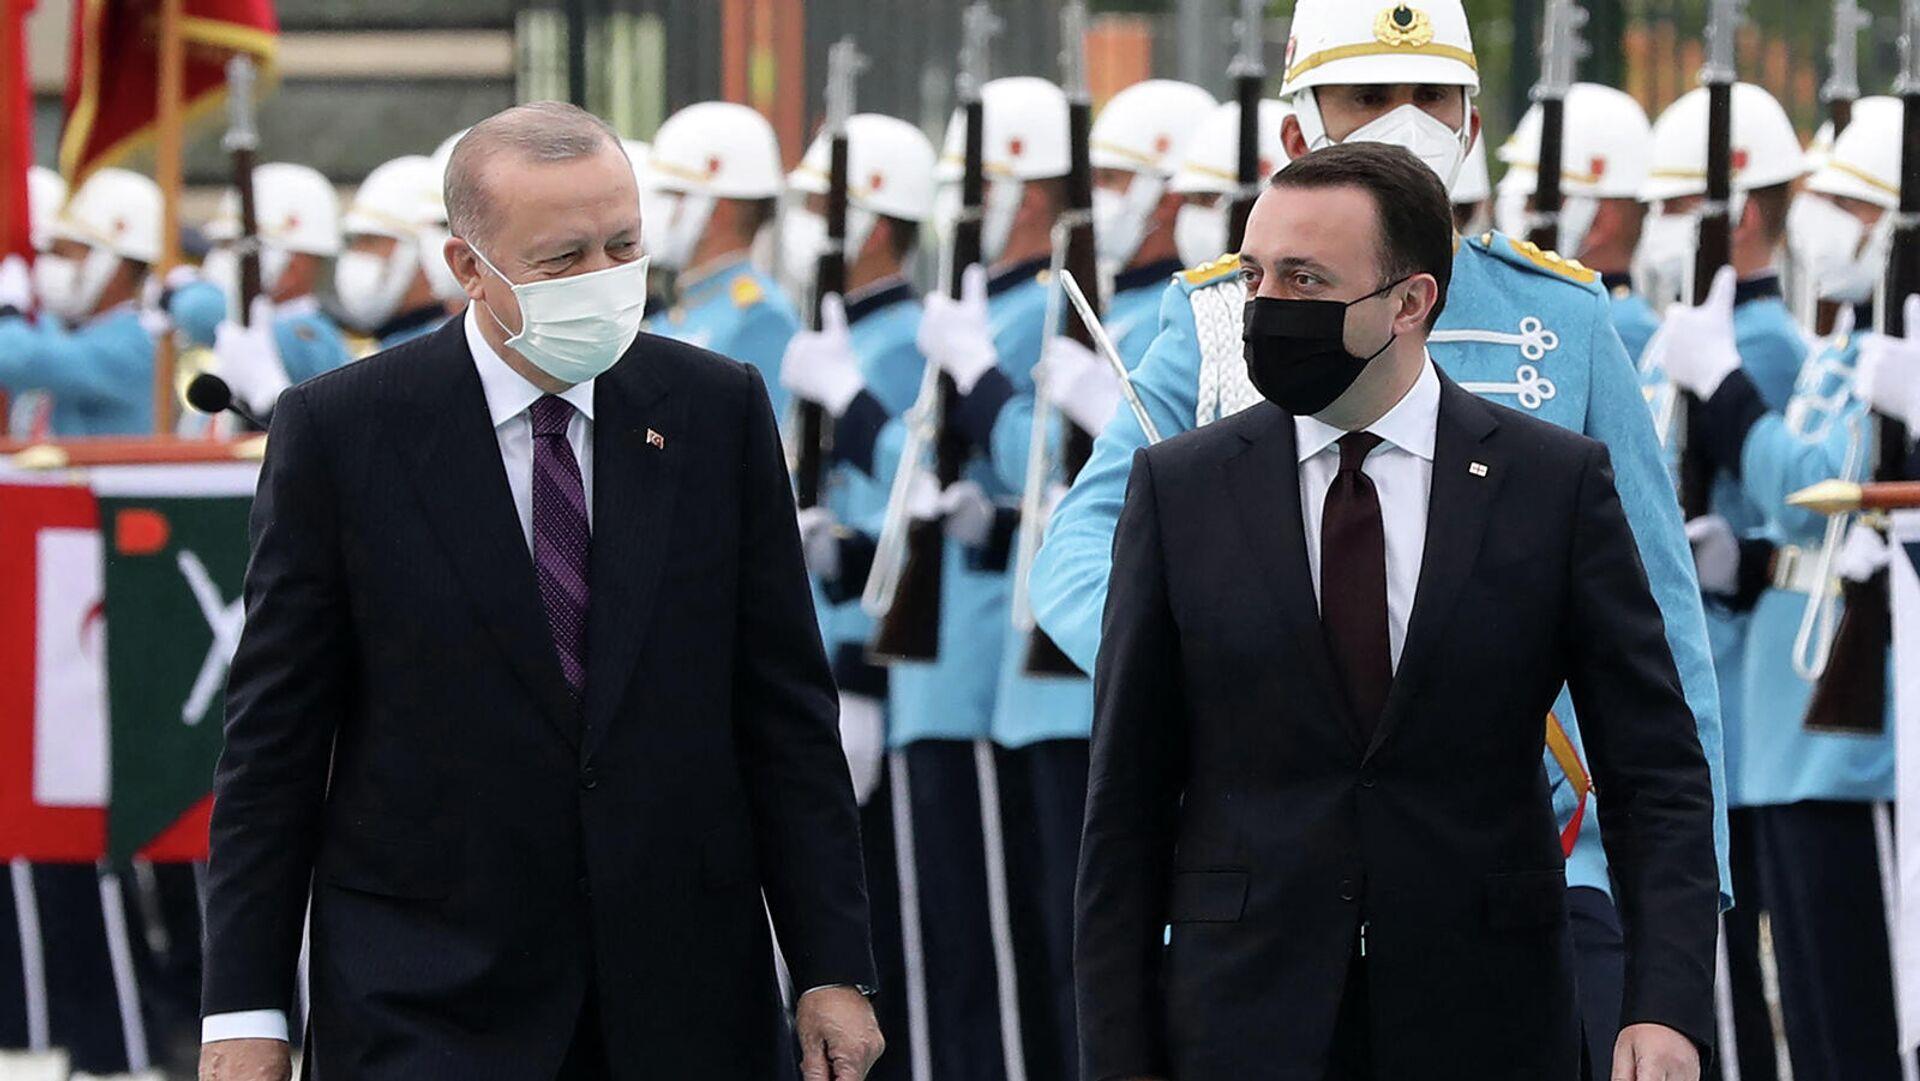 Թուրքիայի նախագահ Ռեջեփ Թայիփ Էրդողանը և Վրաստանի վարչապետ Իրակլի Ղարիբաշվիլին  - Sputnik Արմենիա, 1920, 22.09.2021